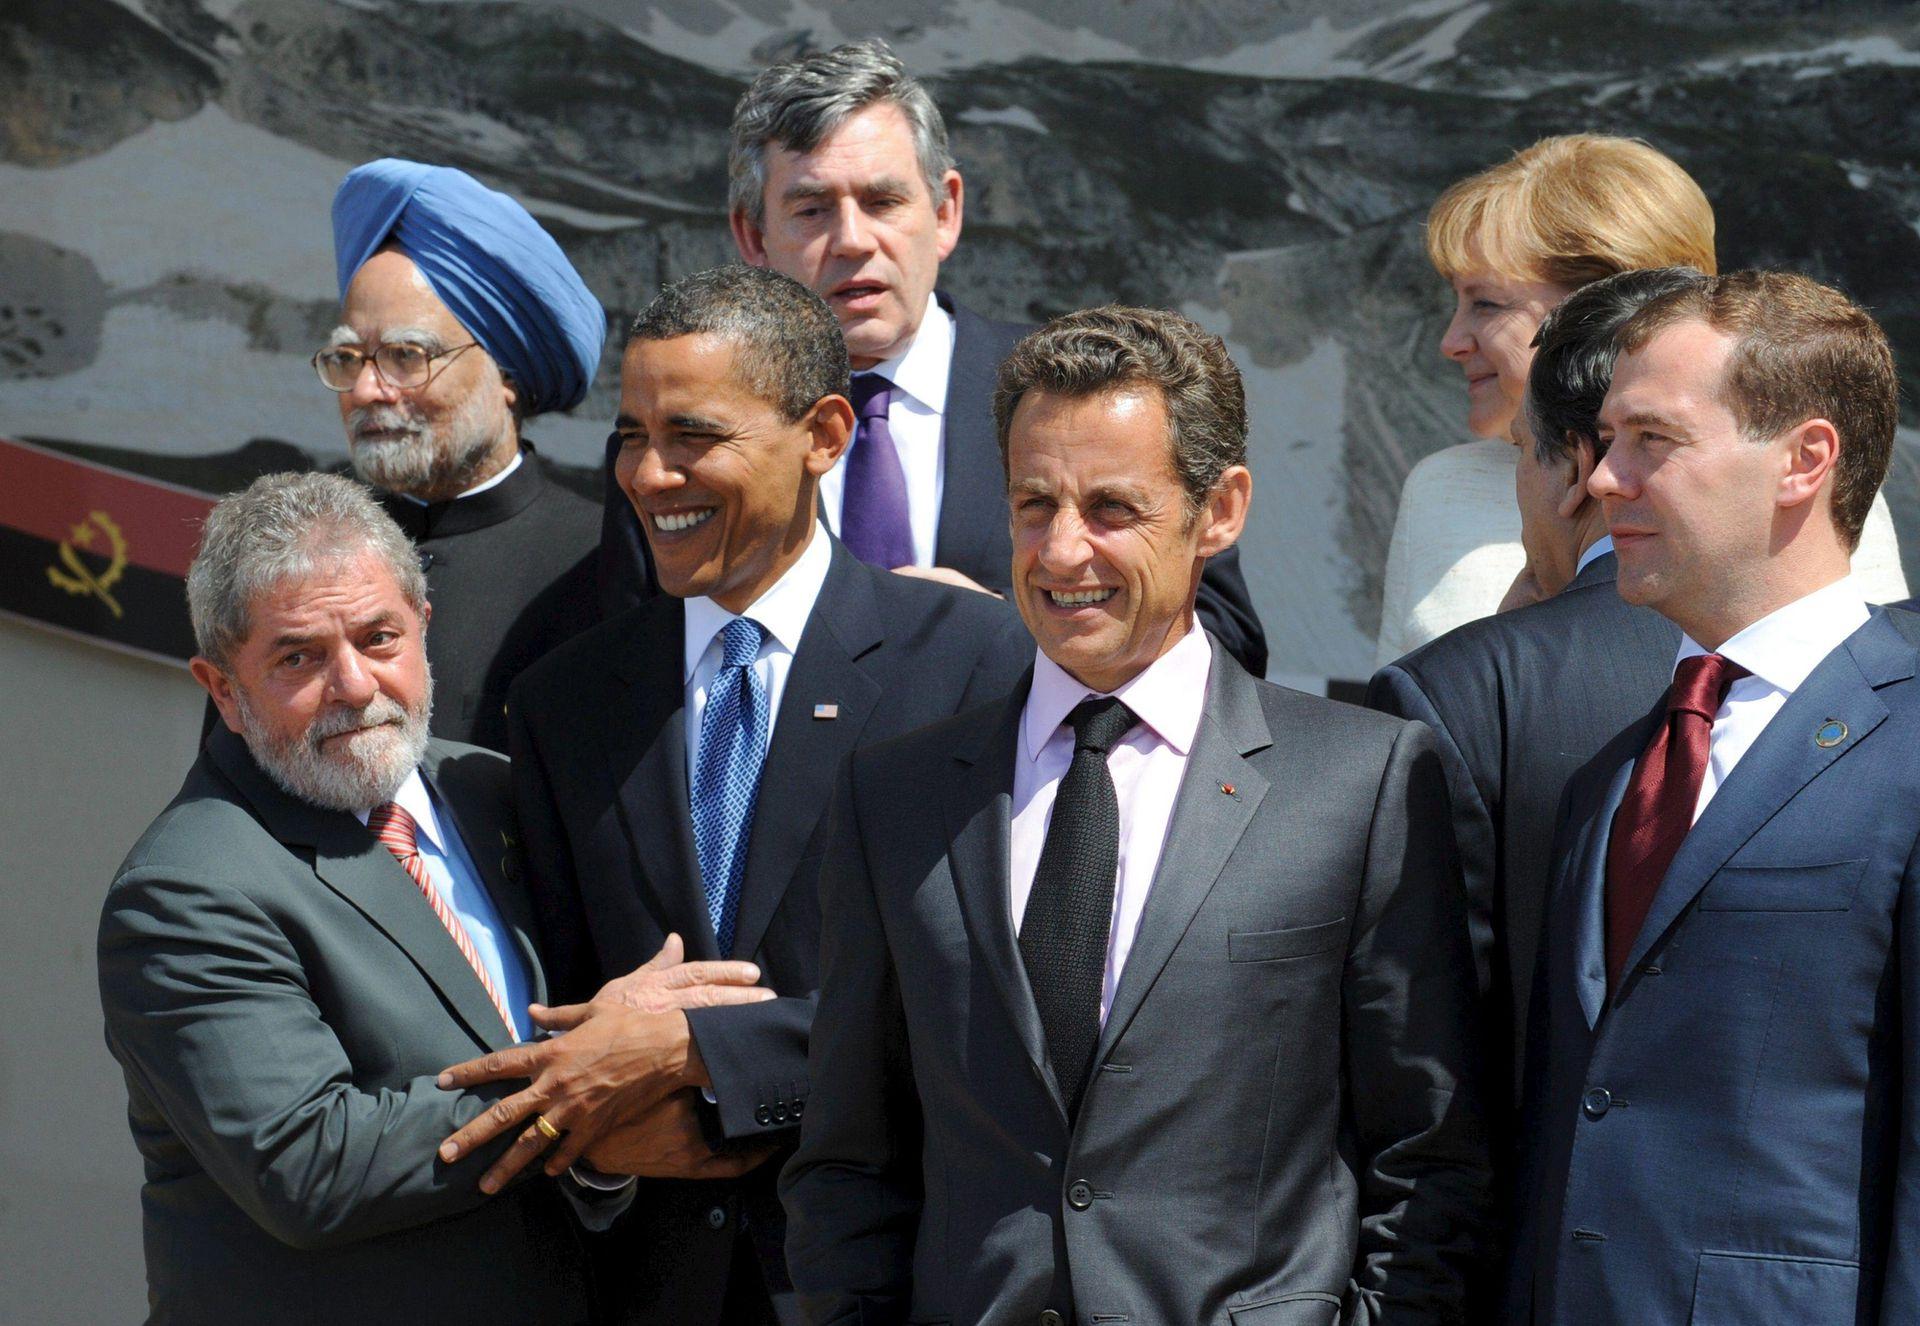 De izquierda a derecha, delante, el presidente brasileño, Luiz Inacio Lula da Silva; el presidente estadounidense, Barack Obama; el presidente francés, Nicolas Sarkozy; y el presidente ruso, Dmitri Medvedev; y de izquierda a derecha, detrás, el primer ministro indio, Manmohan Singh, el primer ministro británico, Gordon Brown, y la canciller alemana, Angela Merkel, bajan del podio después de posar para una foto de familia de los líderes del G-8 en la localidad italiana de L' Aquila el 9 de julio de 2009